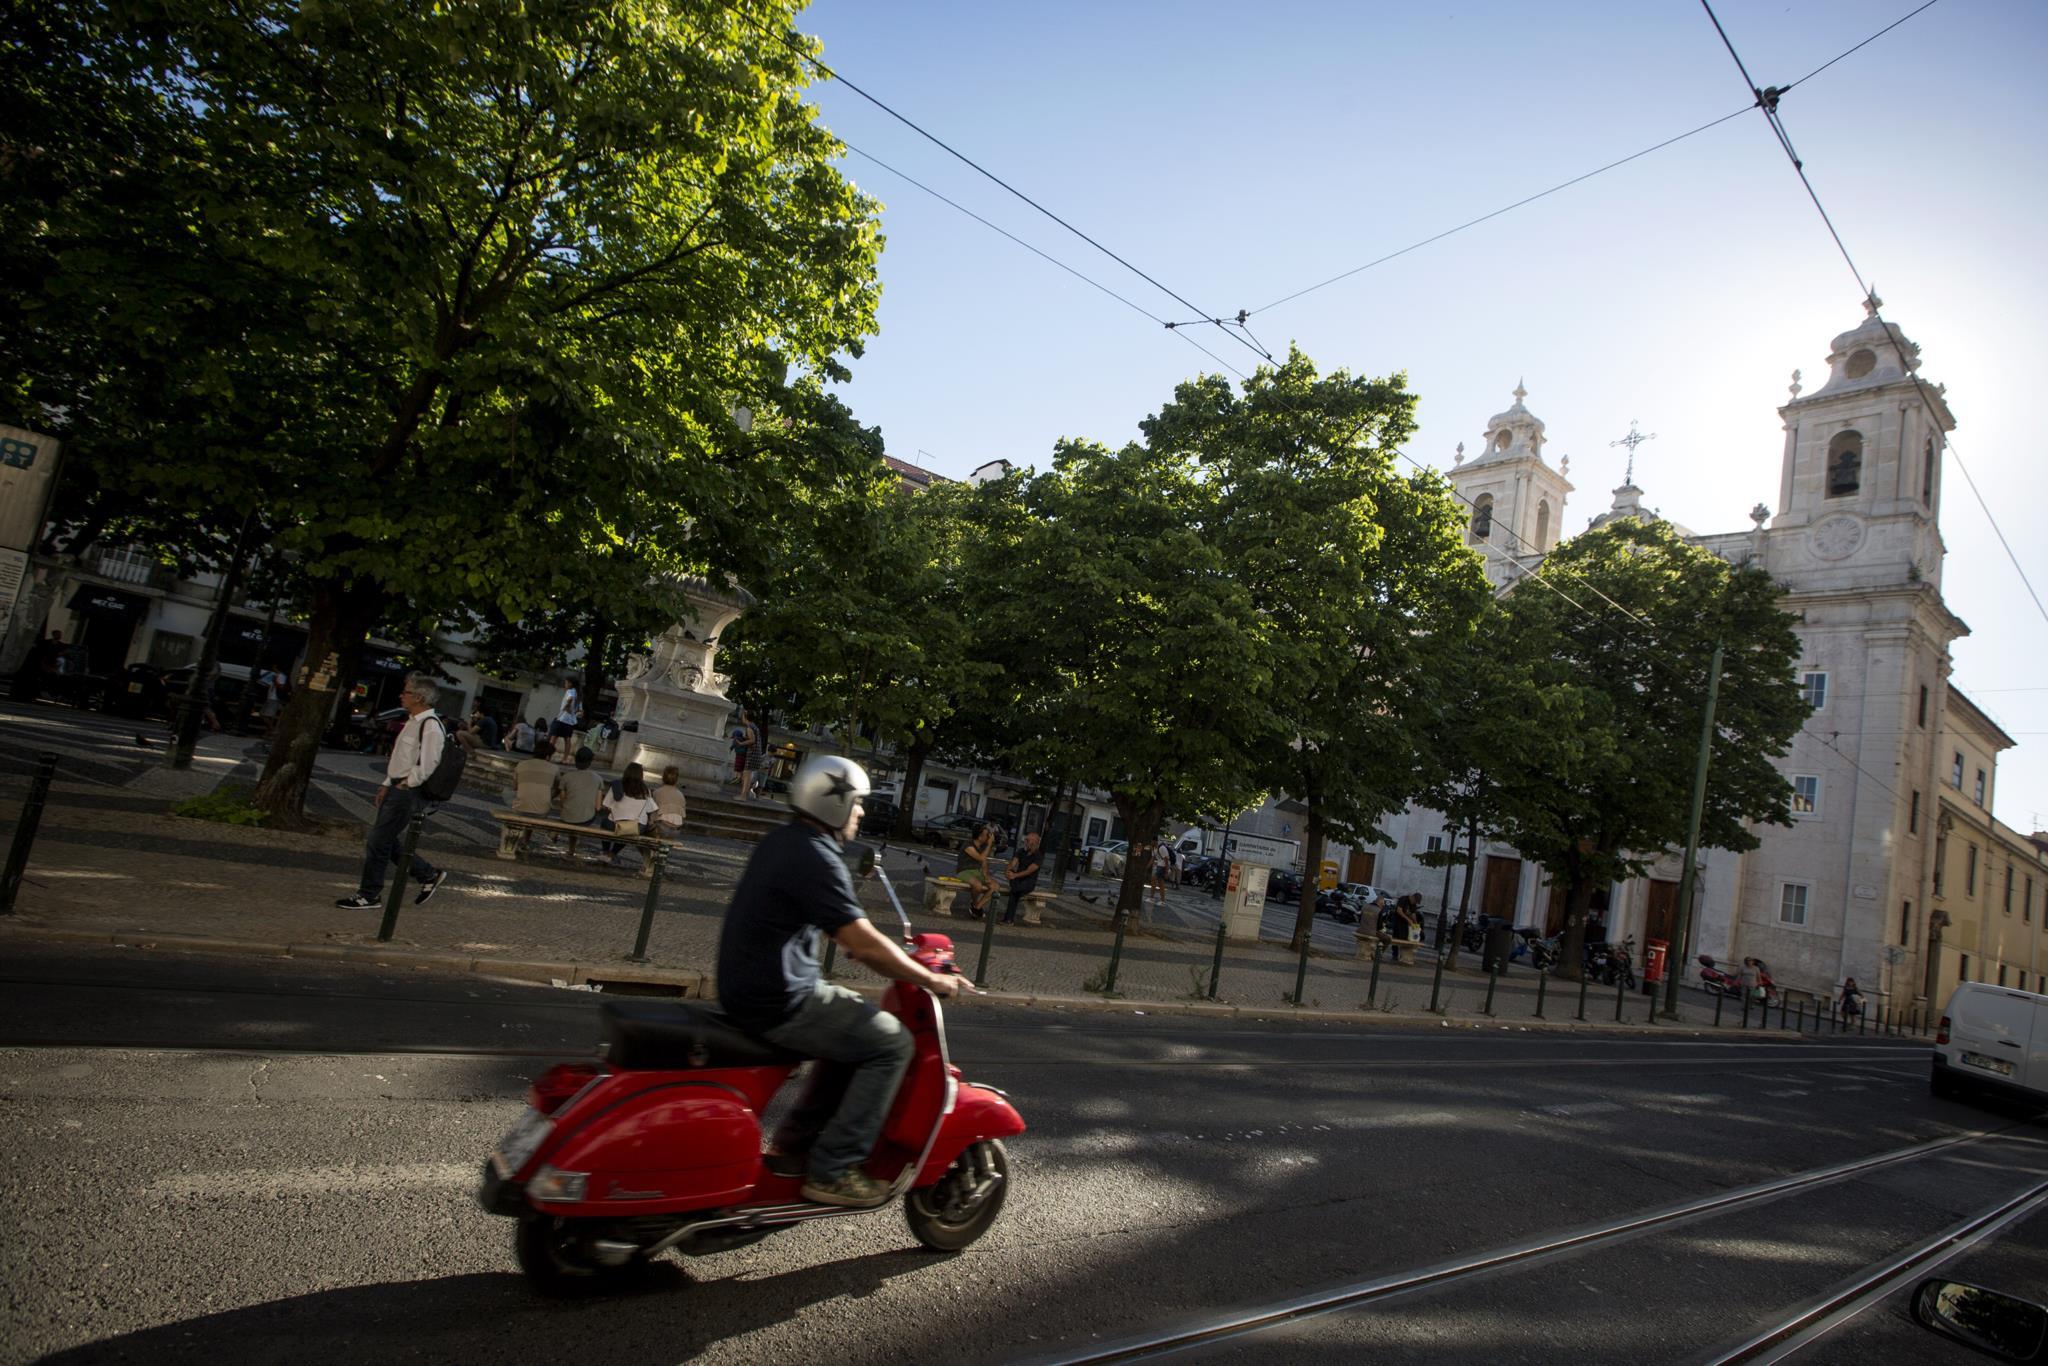 PÚBLICO - Motociclistas vão poder andar em mais faixas bus de Lisboa e ter 1450 novos lugares